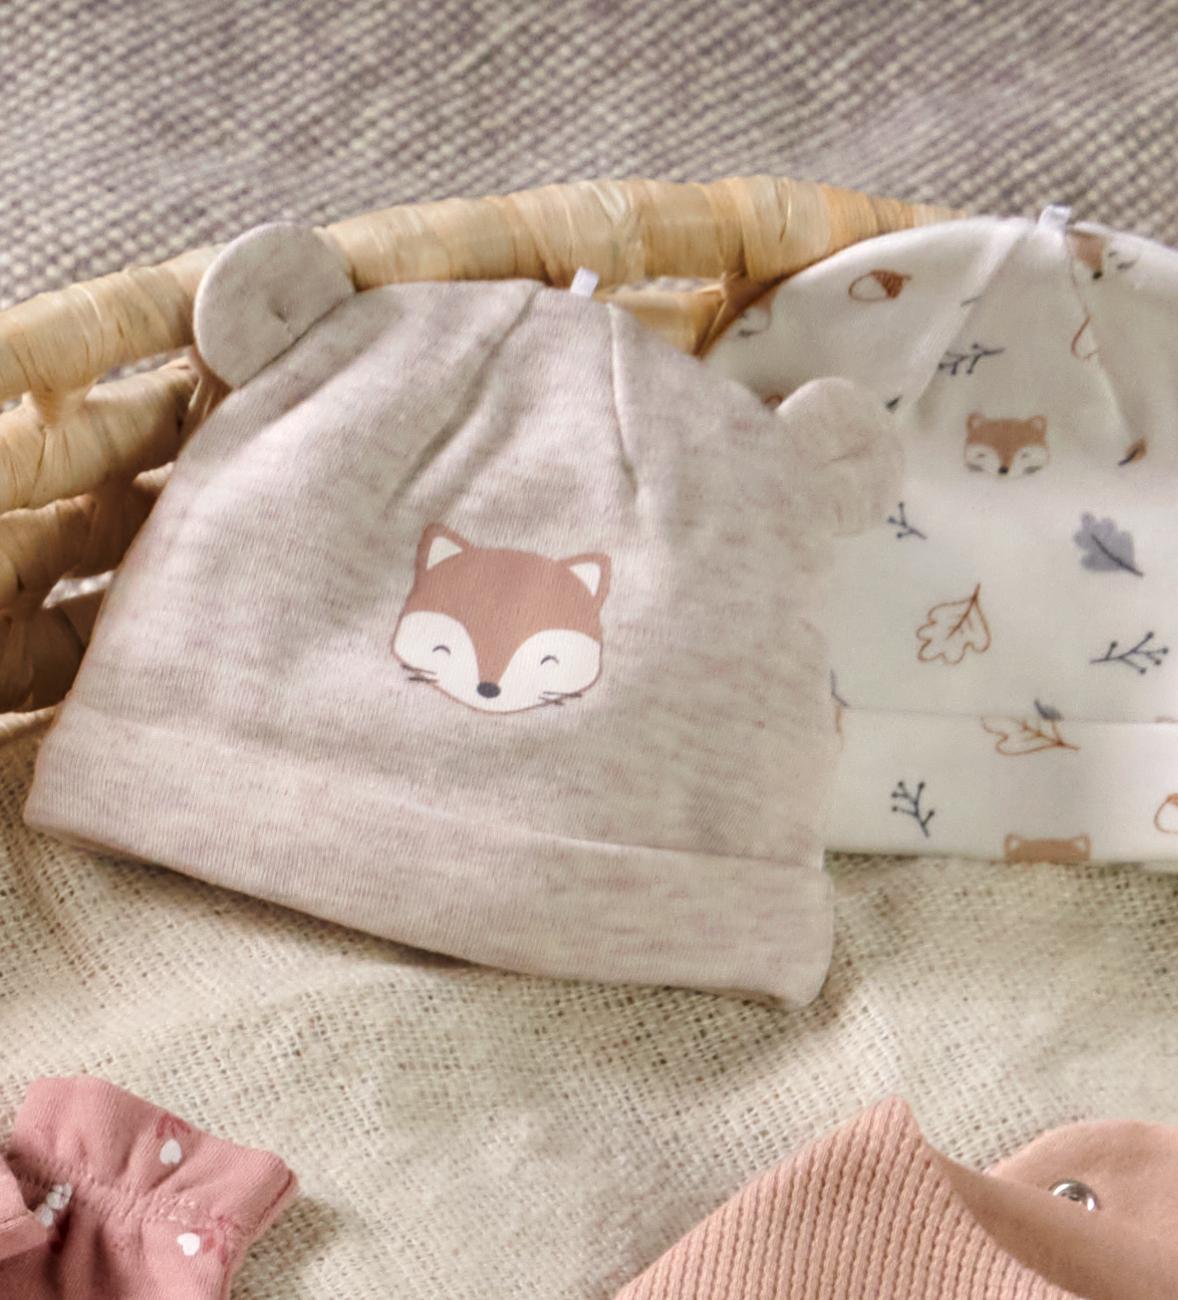 Baby-Mode: Warme Babymütze mit Eisbär-Motiv